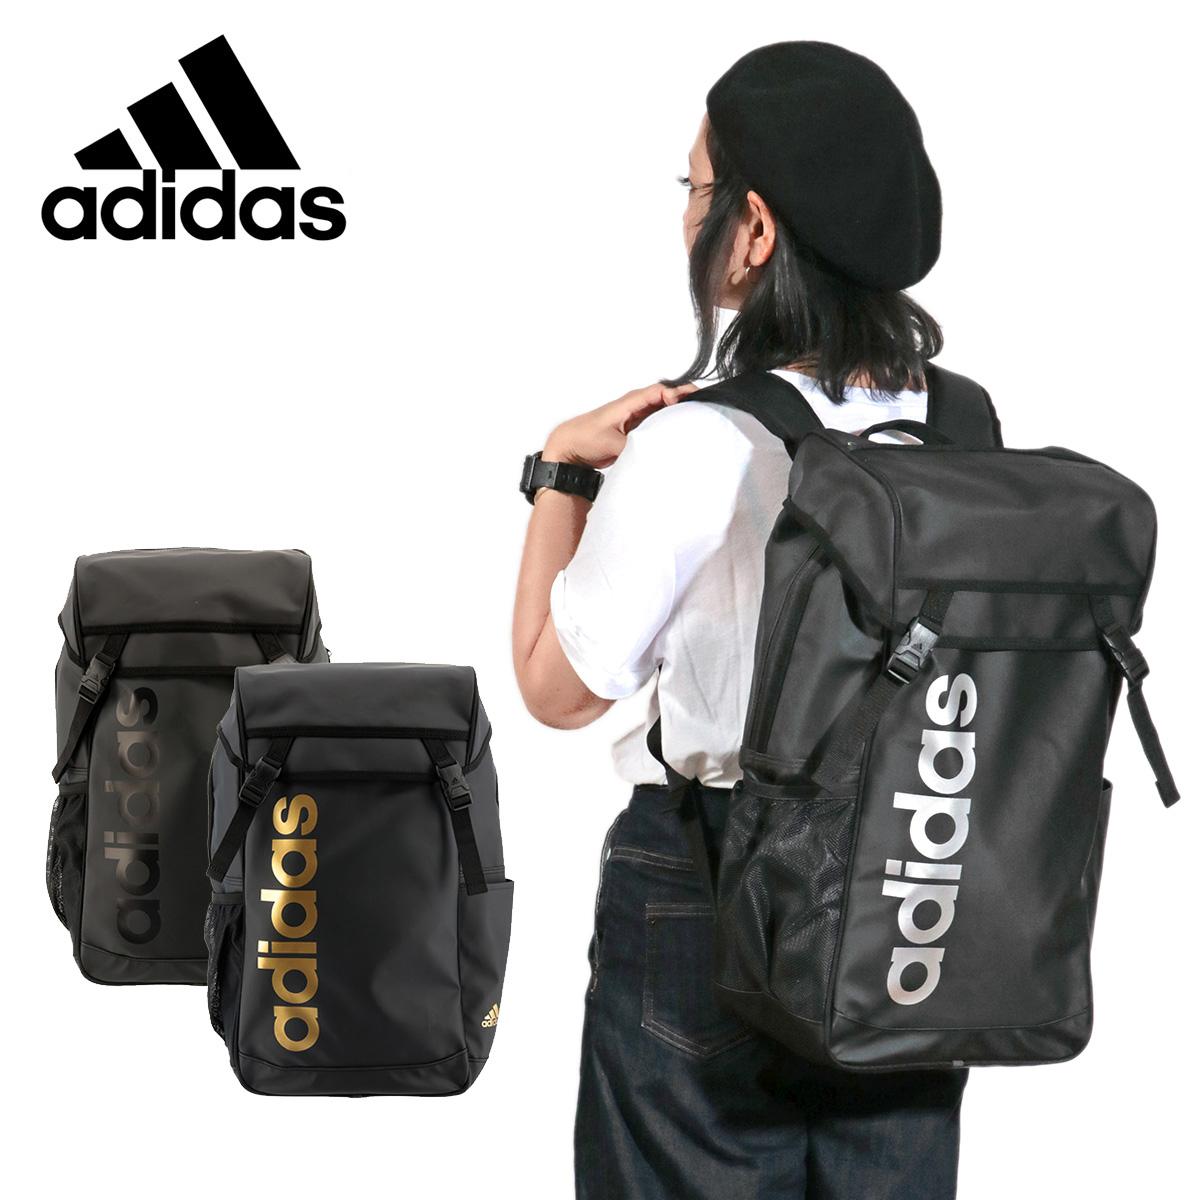 アディダス リュック 55043 adidas リュックサック スクエア ボックス型 メンズ[PO10][bef][即日発送]